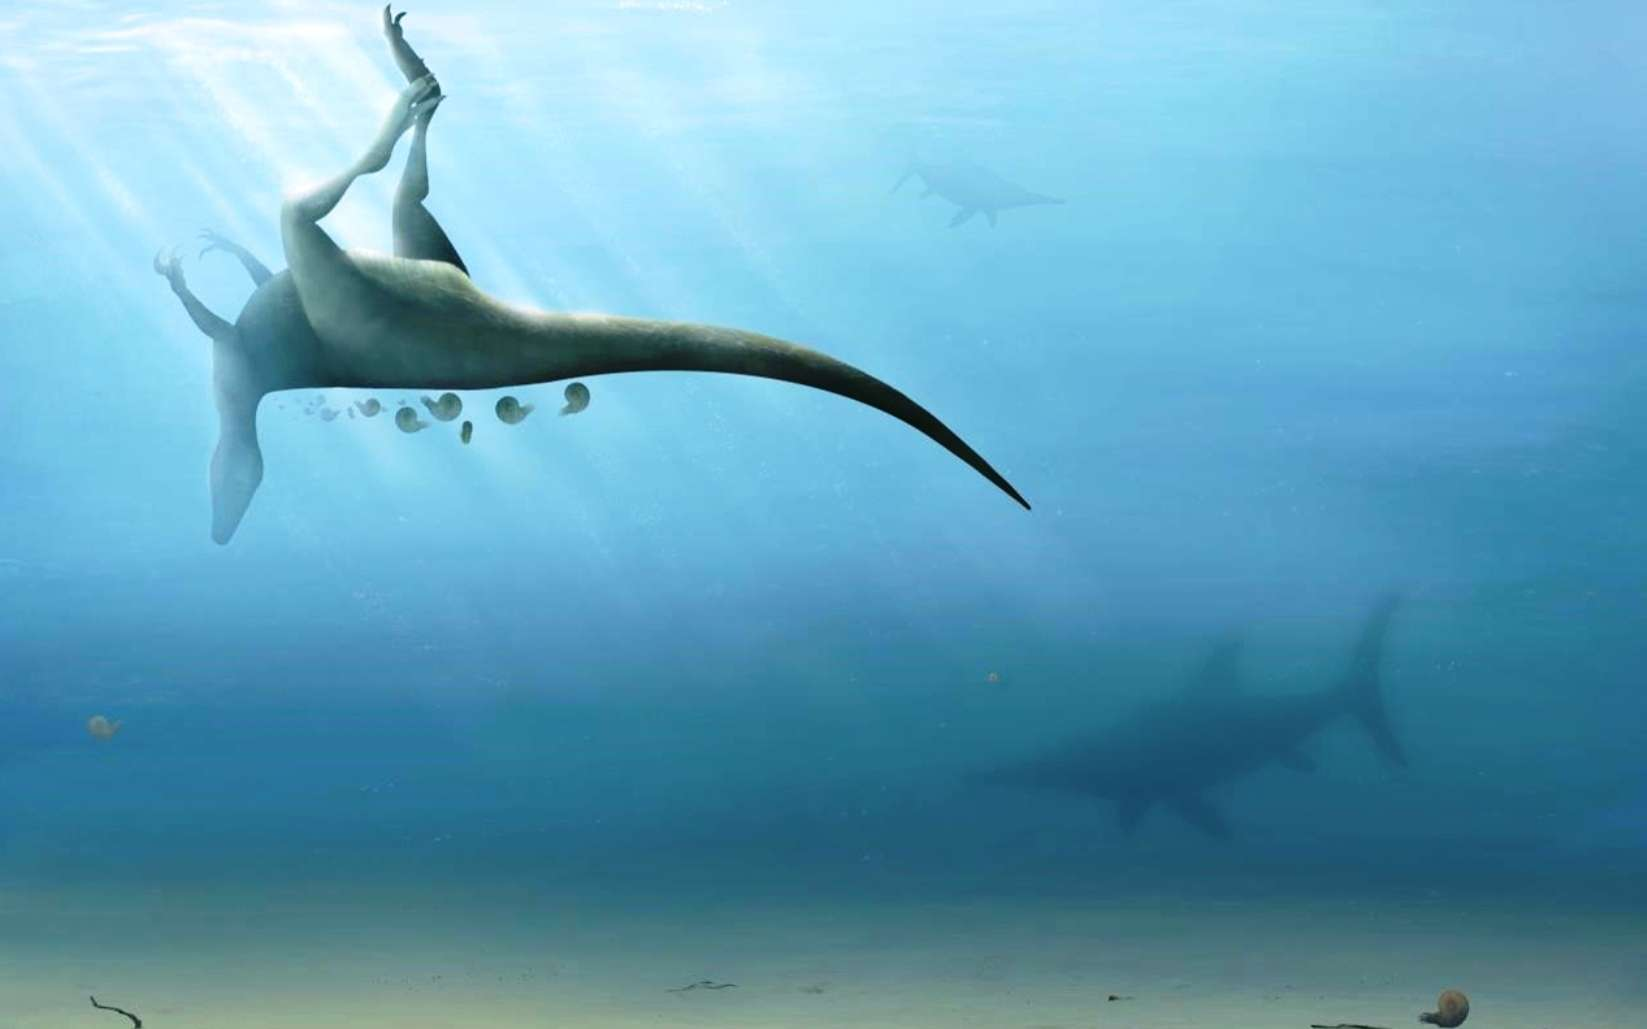 Une vue d'artiste du cadavre de Vectaerovenator inopinatus flottant sur les eaux d'une mer peu profonde. © Trudie Wilson